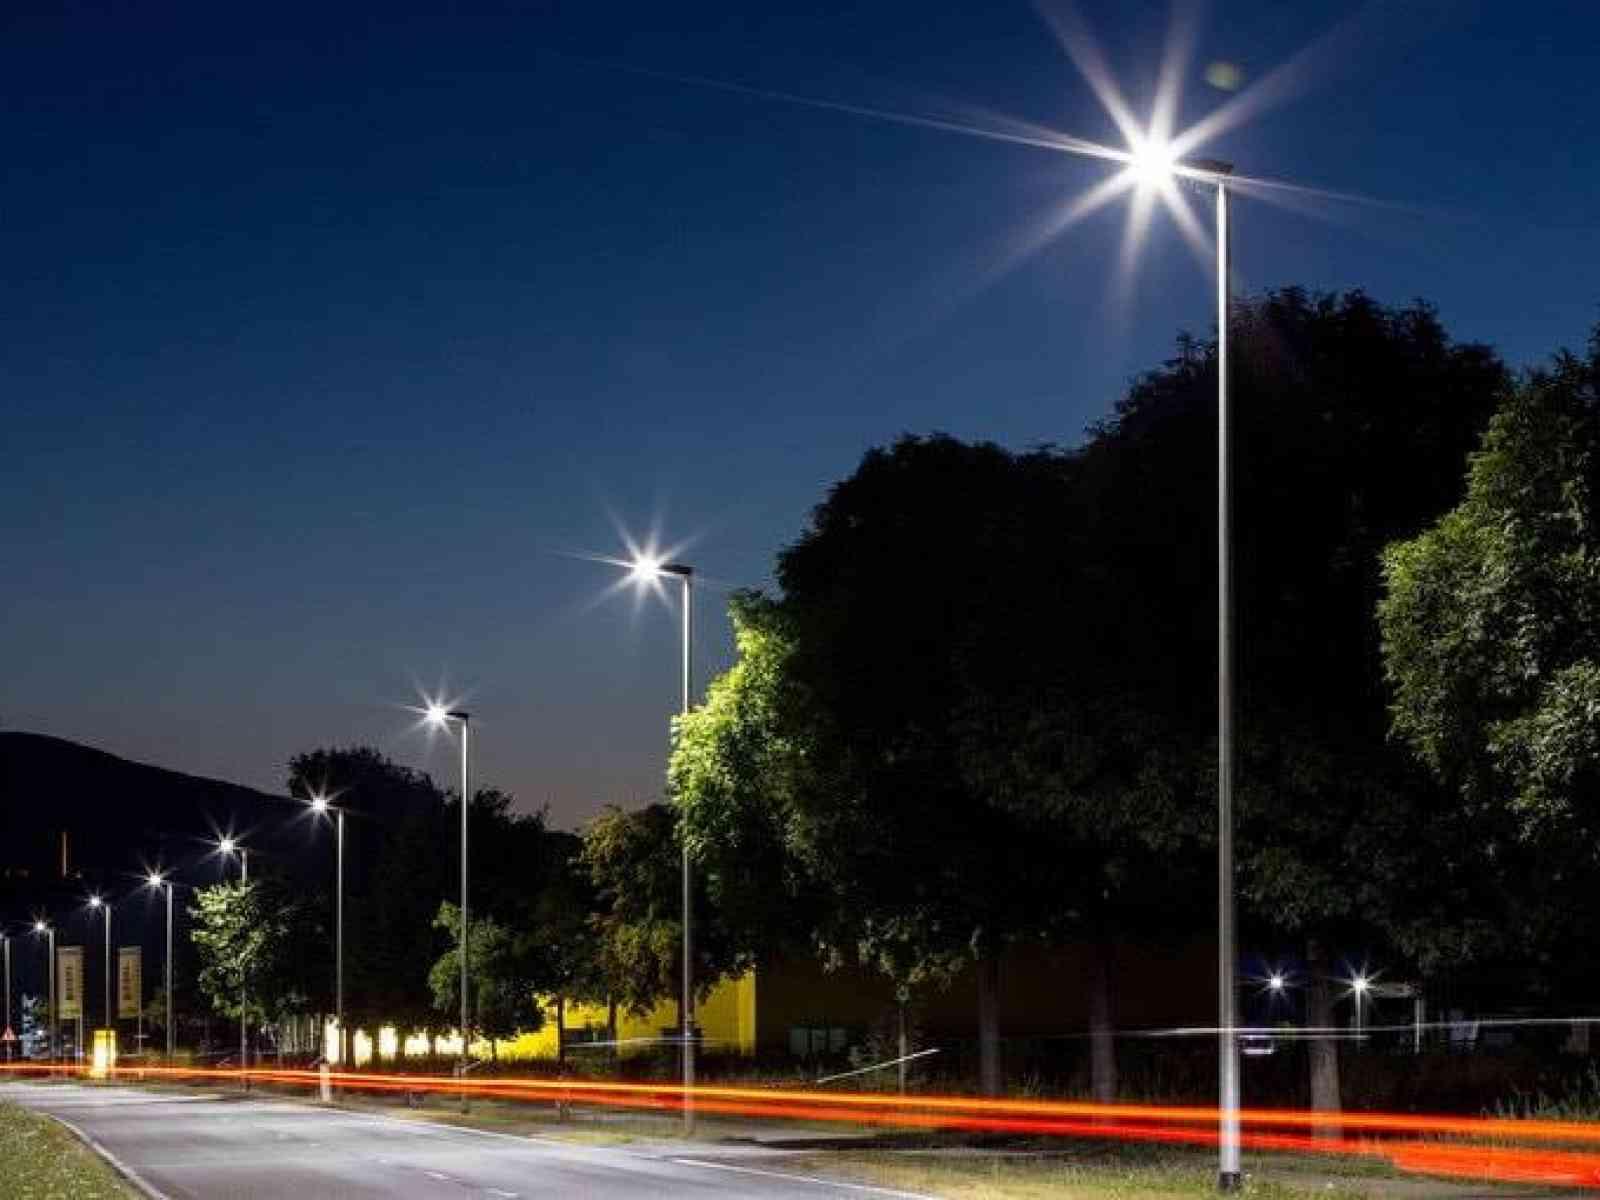 Immagine articolo: Pubblica illuminazione a Menfi: querelle tra il Comune ed Eurolux Group. Stipulata transazione da oltre 300mila euro